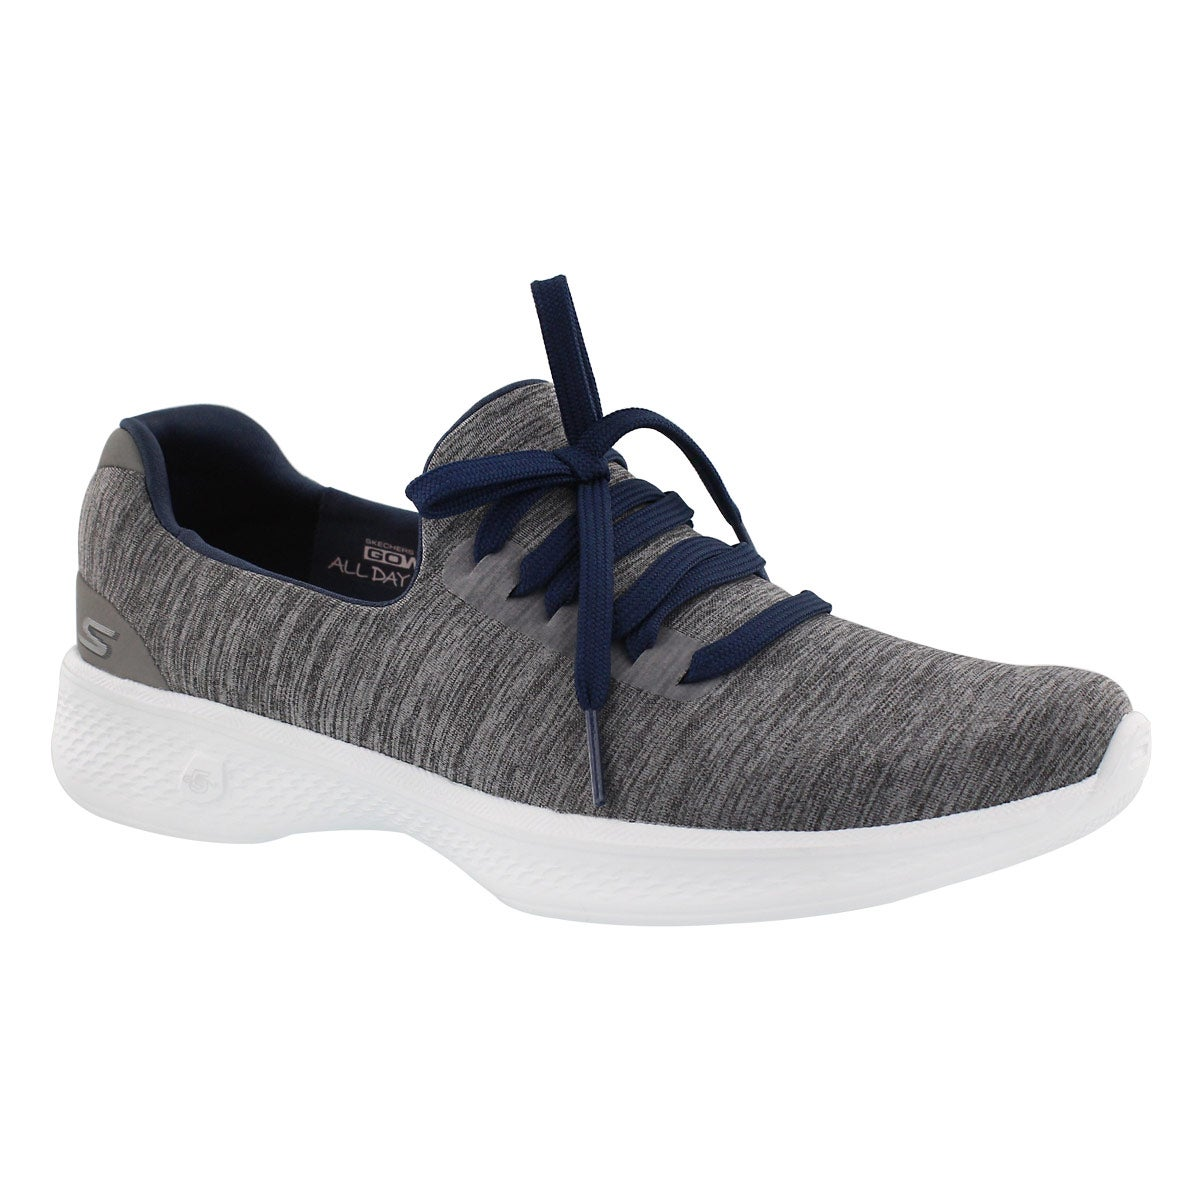 Women's GOwalk 4 grey/navy laceup walking shoes